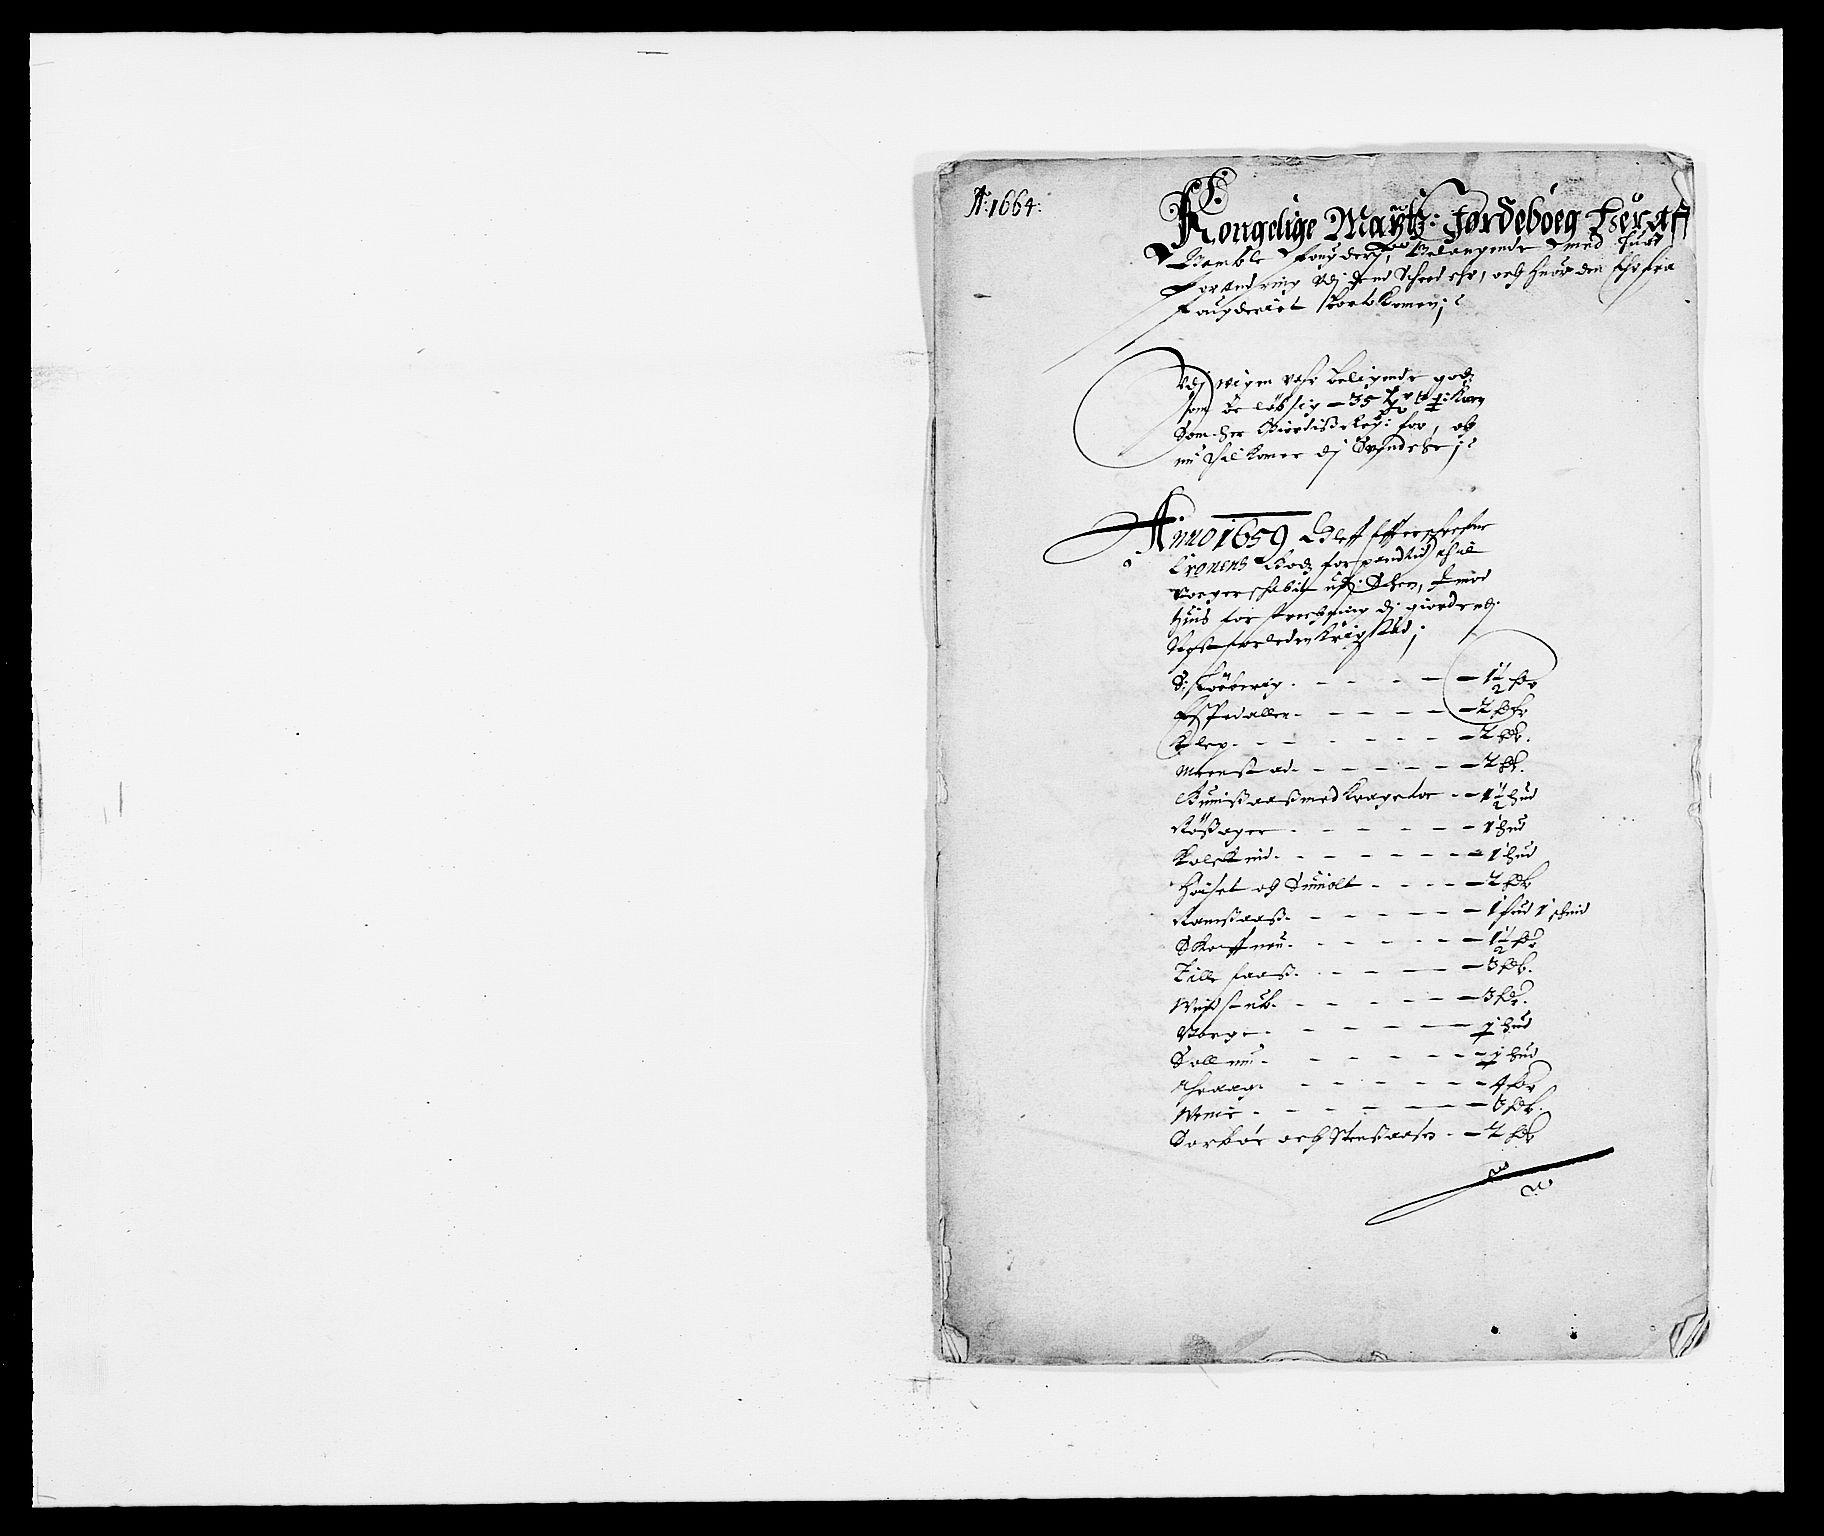 RA, Rentekammeret inntil 1814, Reviderte regnskaper, Fogderegnskap, R34/L2038: Fogderegnskap Bamble, 1662-1669, s. 140